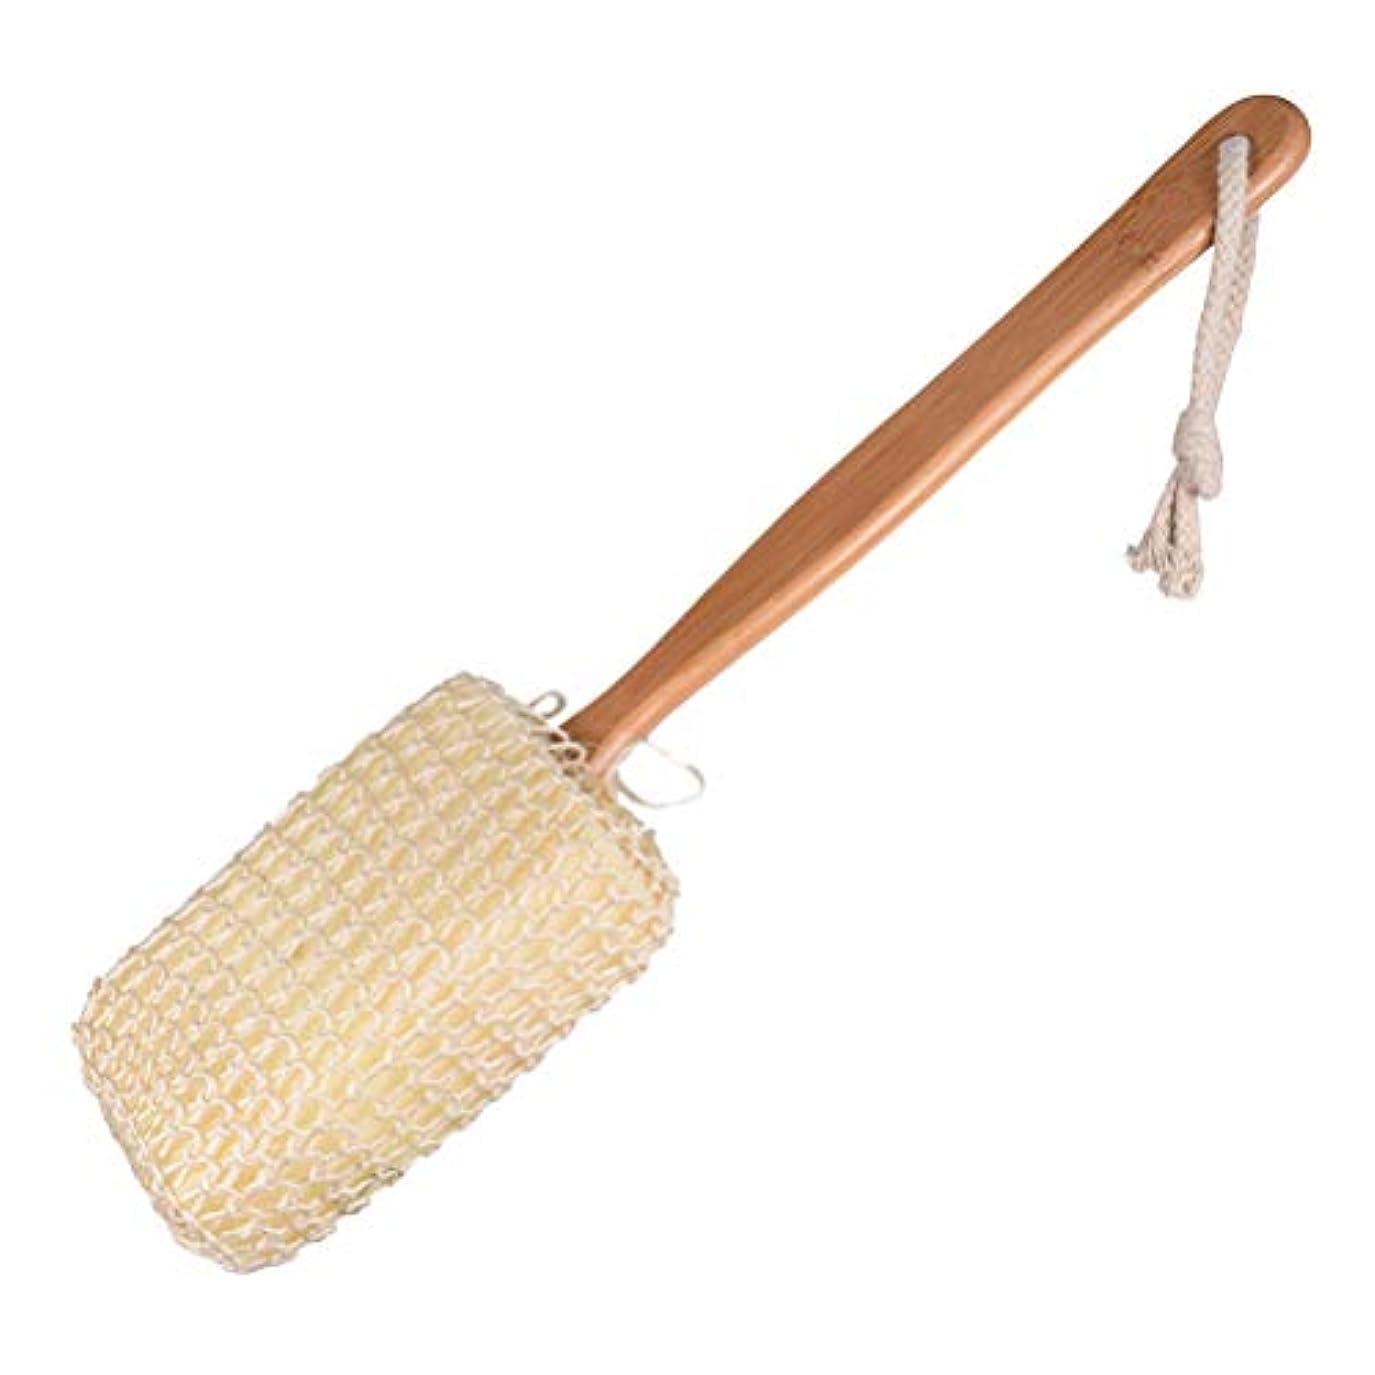 チキン明らかにするダウンタウンYardwe ドライブラッシングボディーブラシナチュラルサイザルスポンジ取り外し可能な長い木製の竹のハンドル死んだ皮膚はセルライトの剥離を助けます